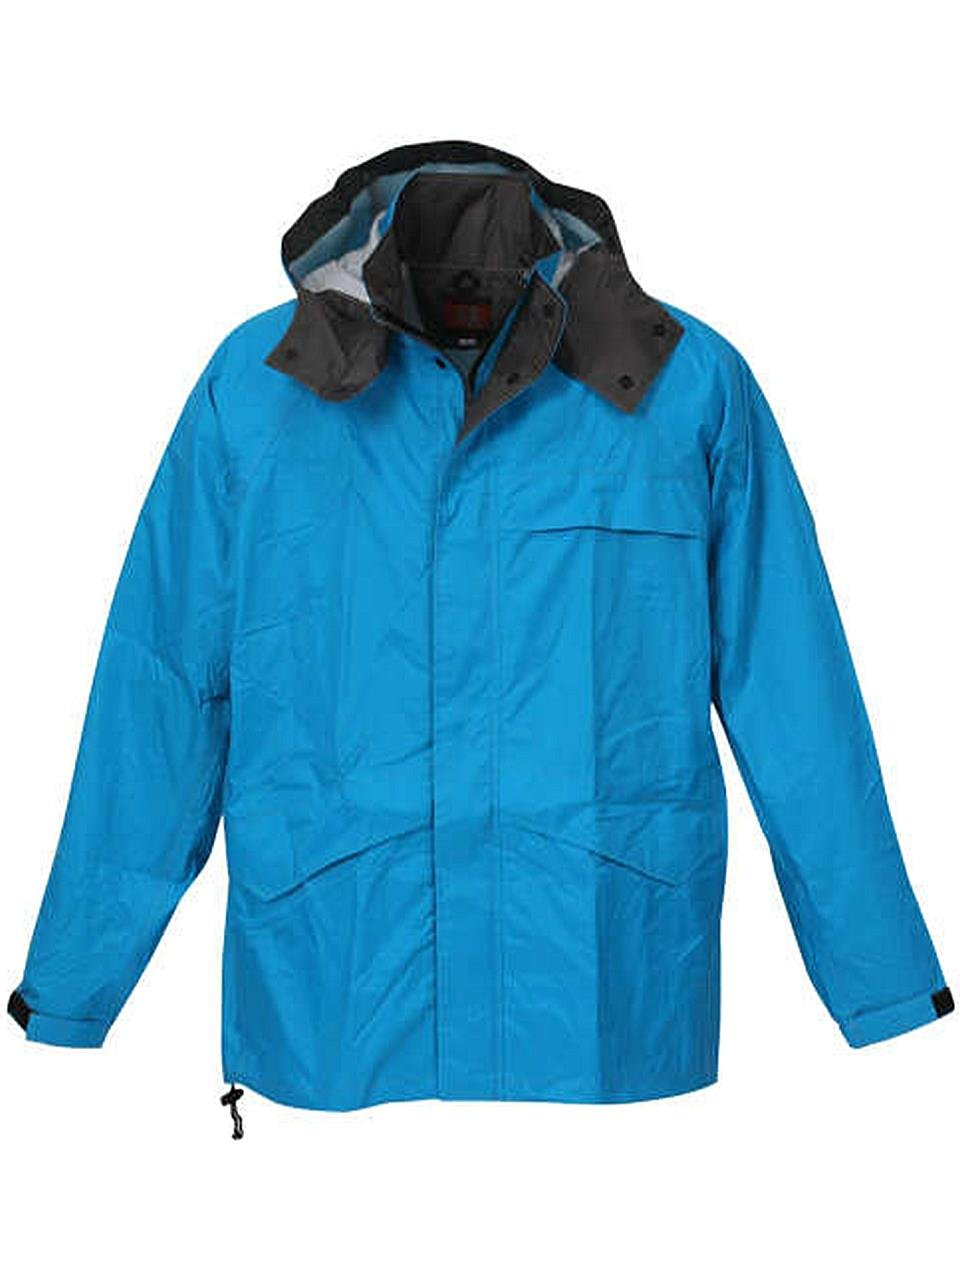 (ラグタイム セレクト) Ragtime Select 合羽 レインウエア レインジャケット 大きいサイズ メンズ 雨具 作業着 作業服 雨 C300419-01 B07CH3BJZN 4L ターコイズ ターコイズ 4L